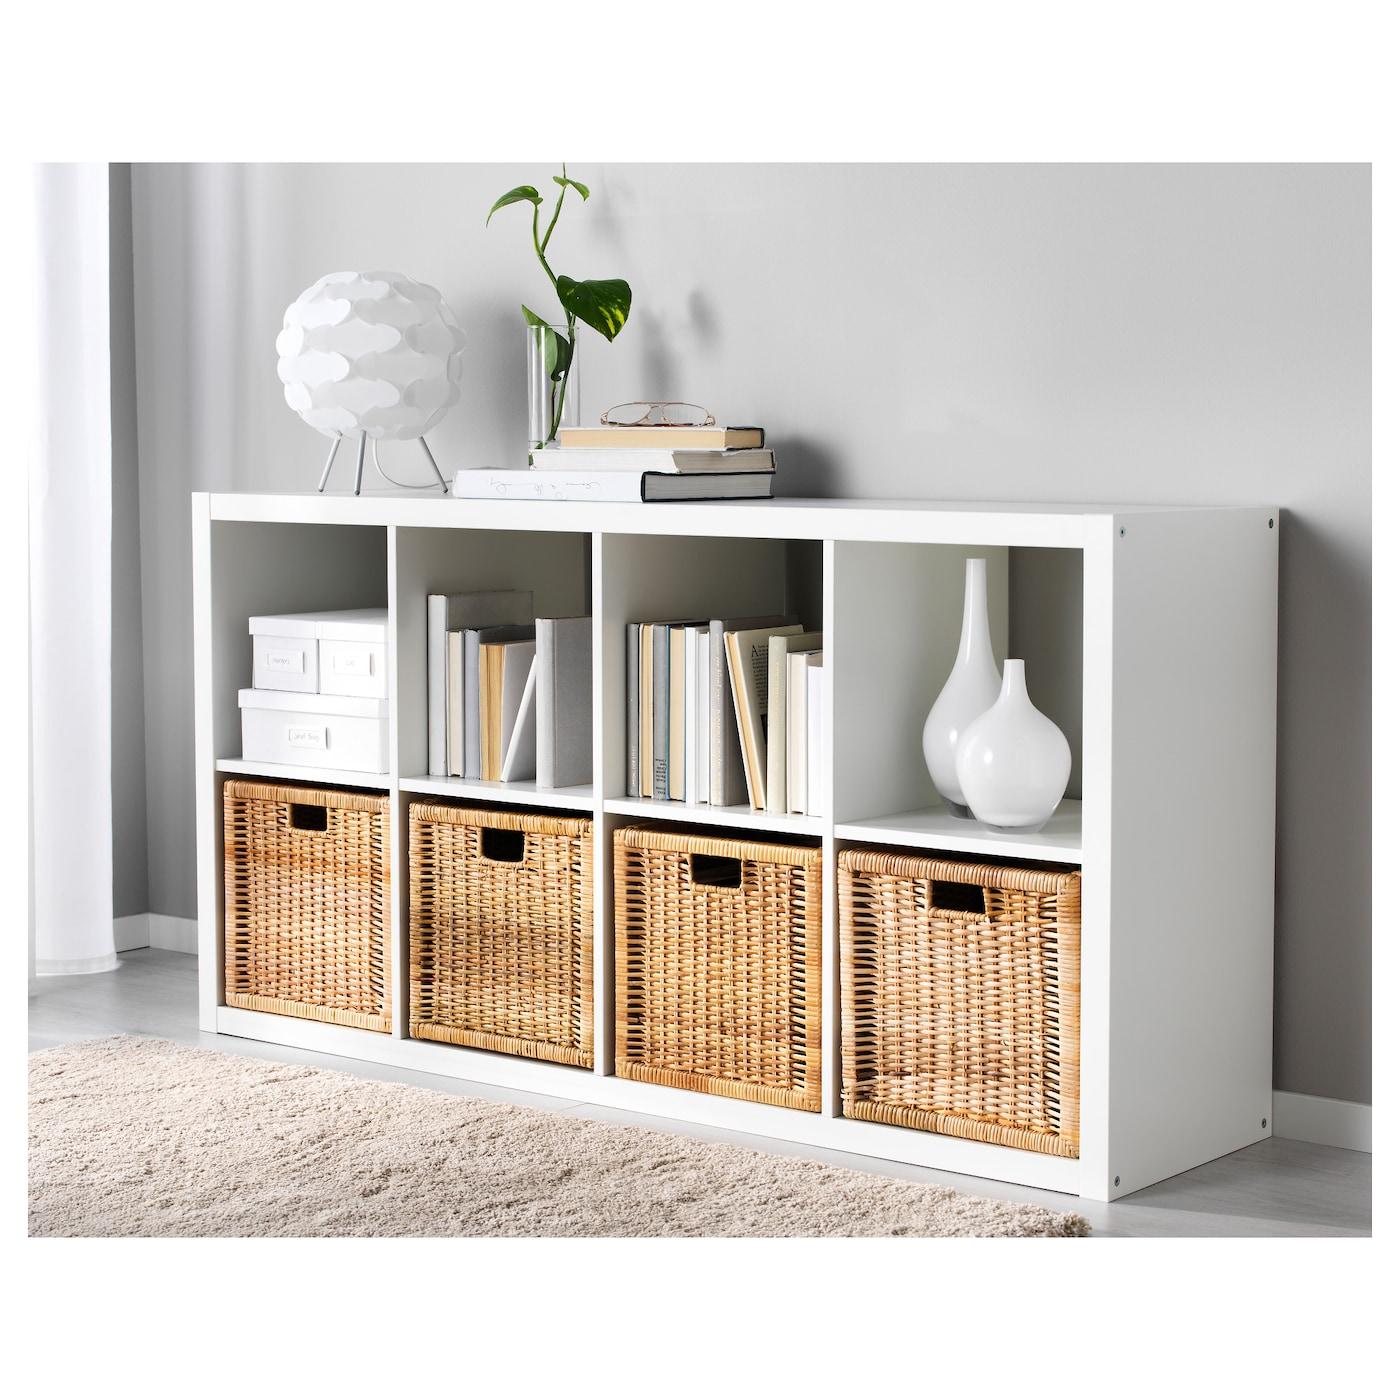 07463220180218_Liegestuhl Rattan Ikea ~ Inspiration